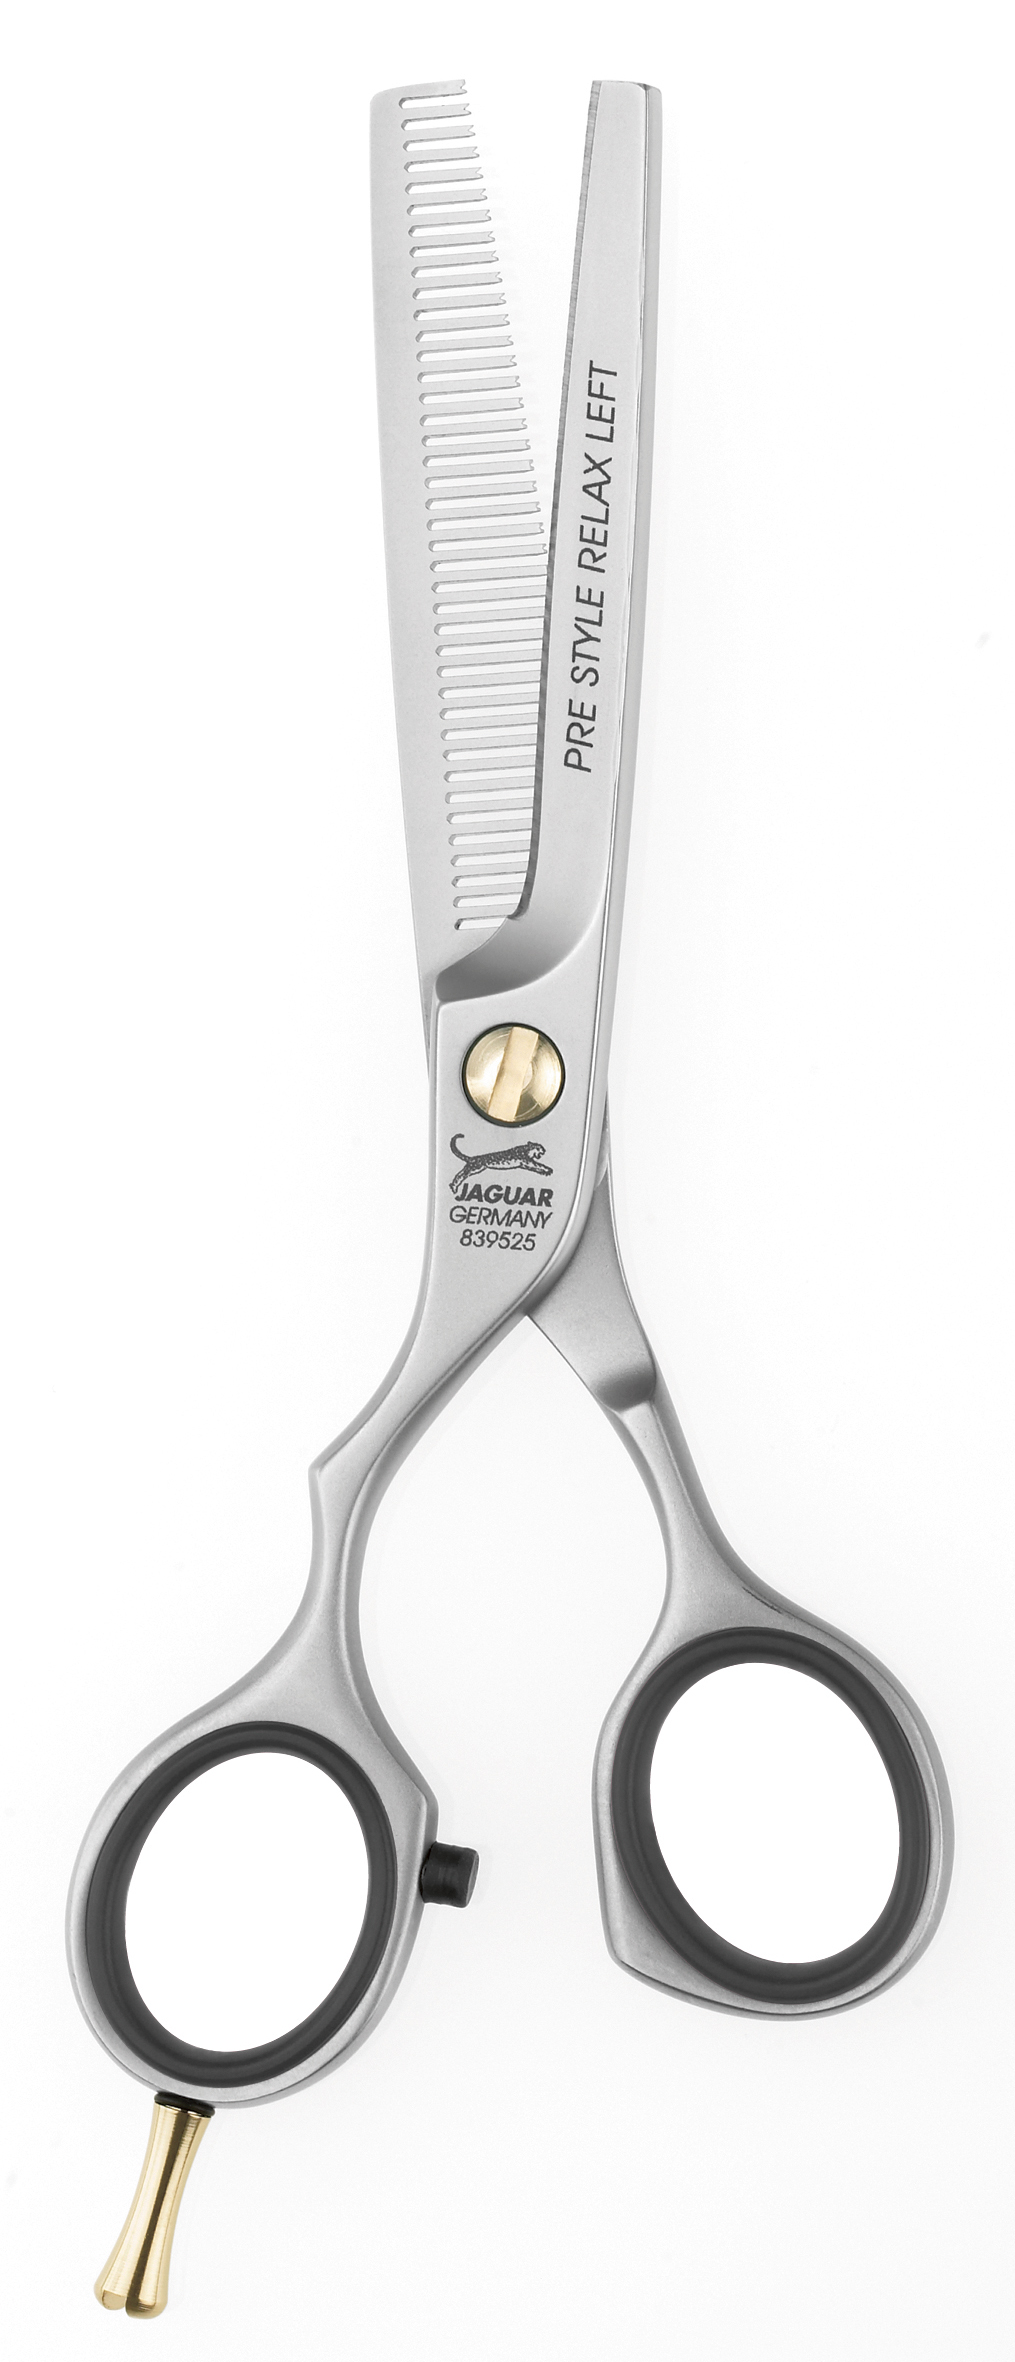 """JAGUAR Ножницы филир.Pre Style Relax Left 5.25 Pre StaleНожницы <br>RELAX LEFT 5.25"""" = 13.5 cm Филировочные ножницы, 28 зубцов с микронасечкой. Полуэргономичный дизайн обеспечивает эргономичное расположение ручек и возможность работы без напряжения. Глянцевая отделка. Длинна полотен ножниц : 13,5 см.<br><br>Класс косметики: Профессиональная"""